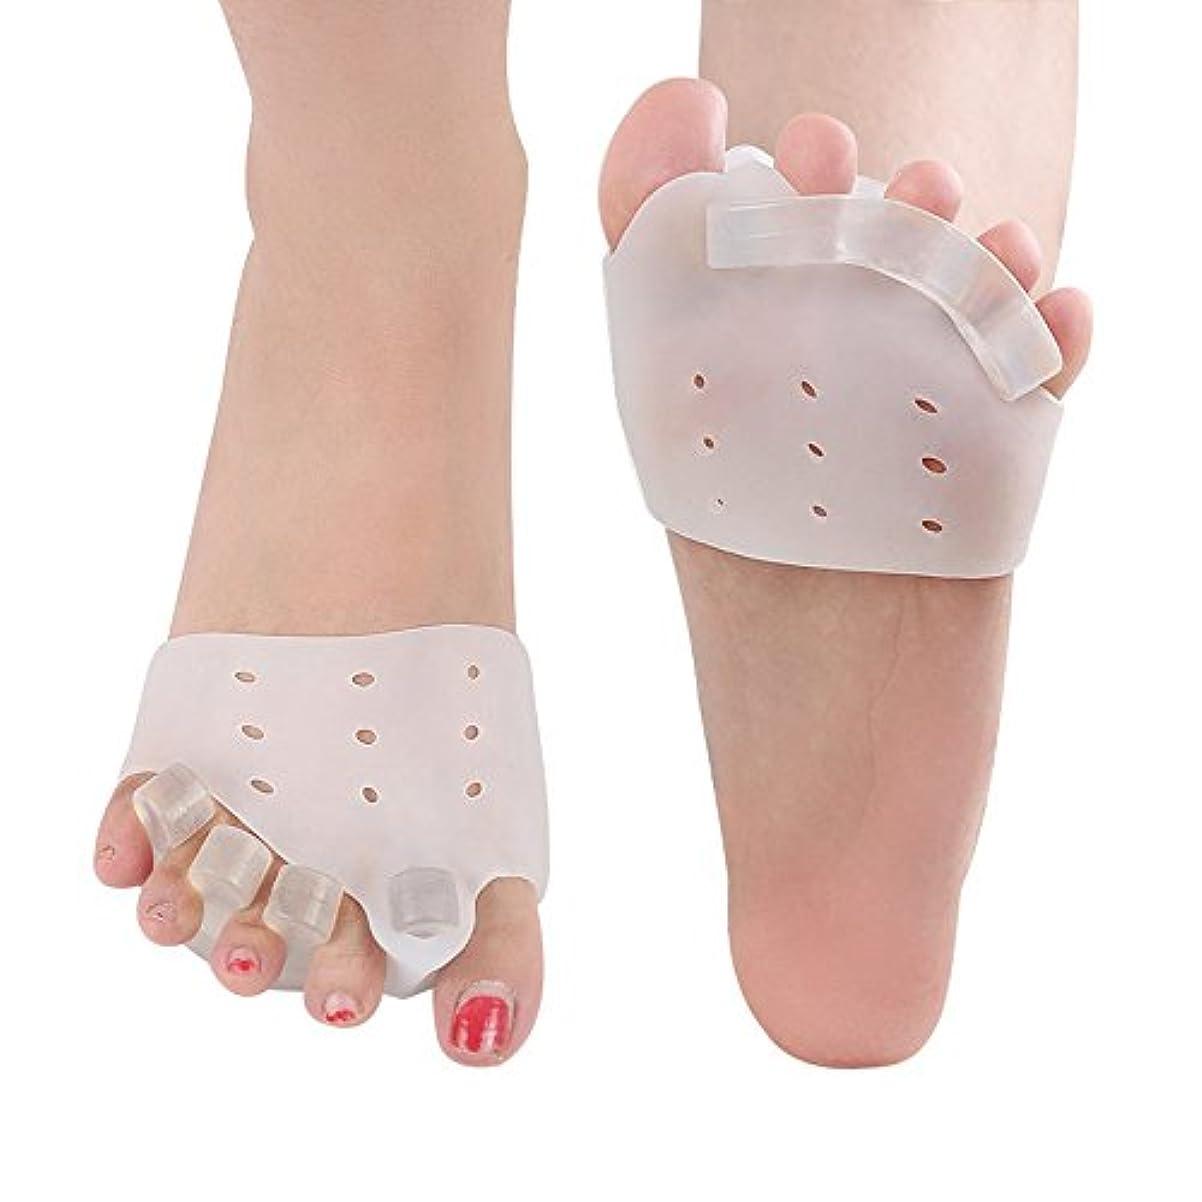 等々タイトブランド5ペア/セットバニオンプロテクターつま先矯正シリコーンつま先セパレータ親指足ケア足の痛み外反母趾ツール